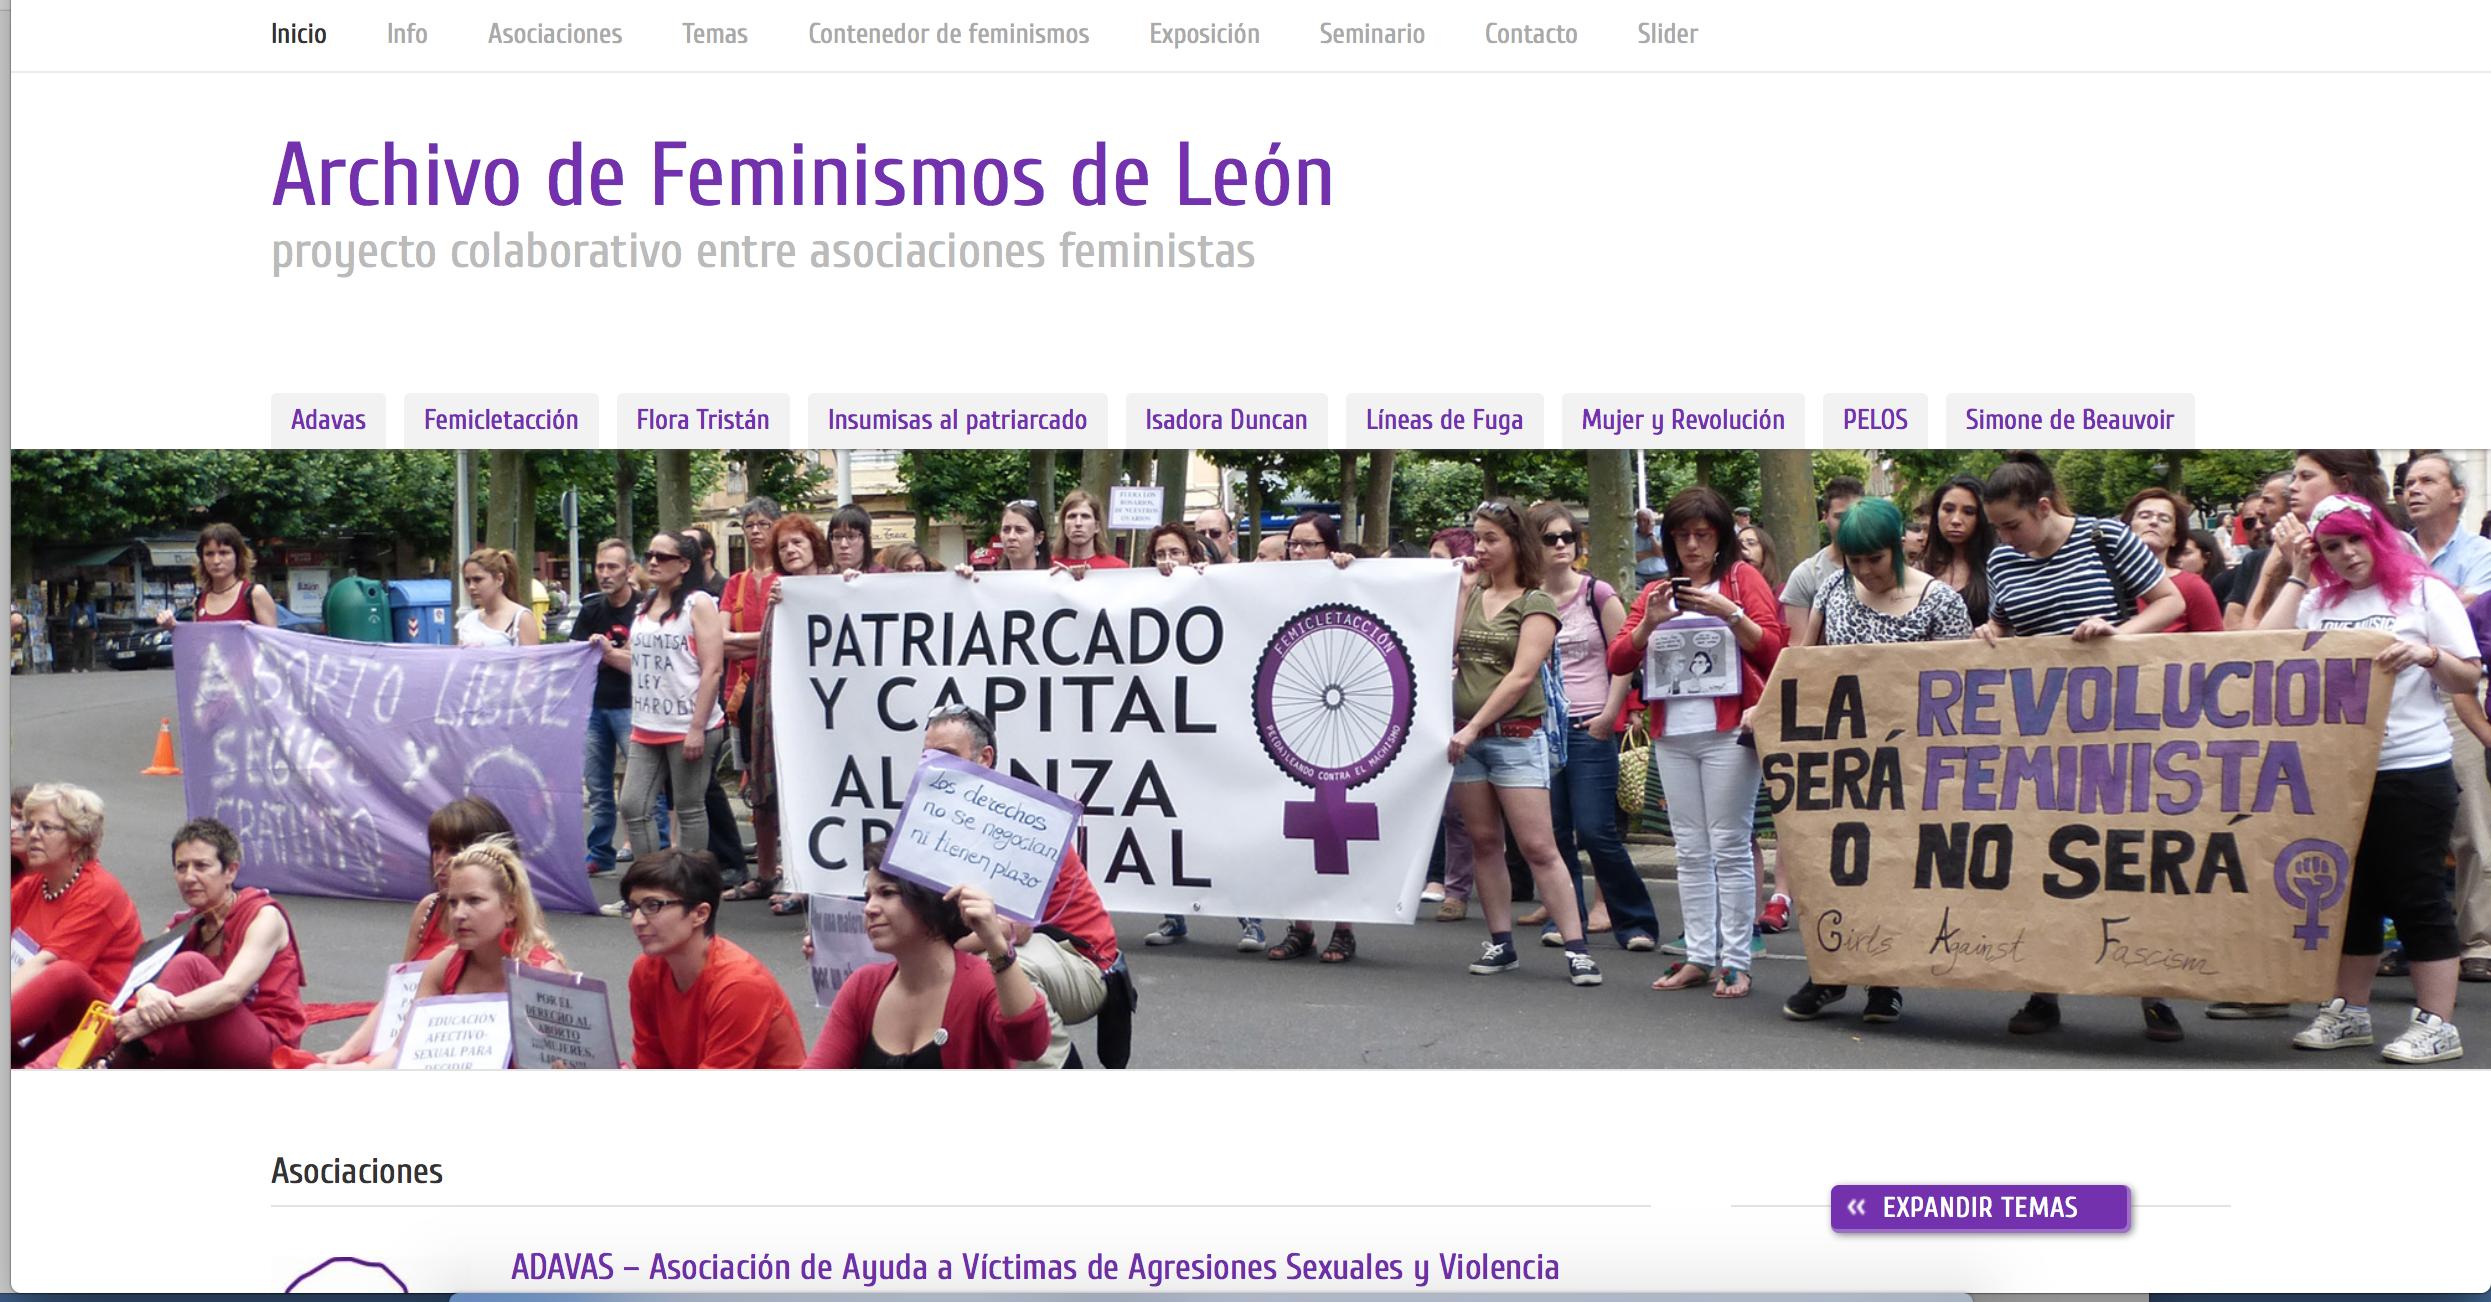 Feminismos de León